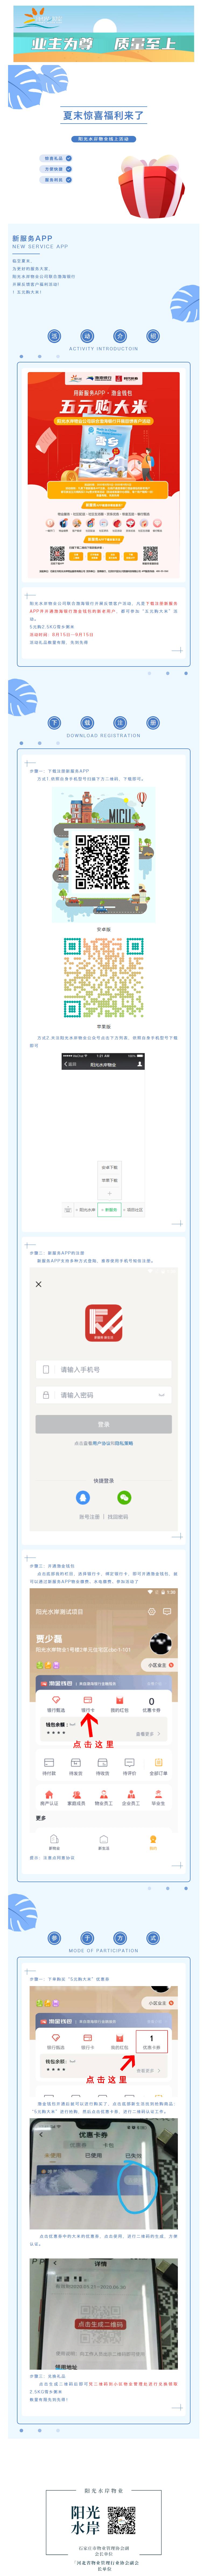 夏末惊喜福利 _ 新服务APP 5元购5斤大米活动进行中,先到xiande.png